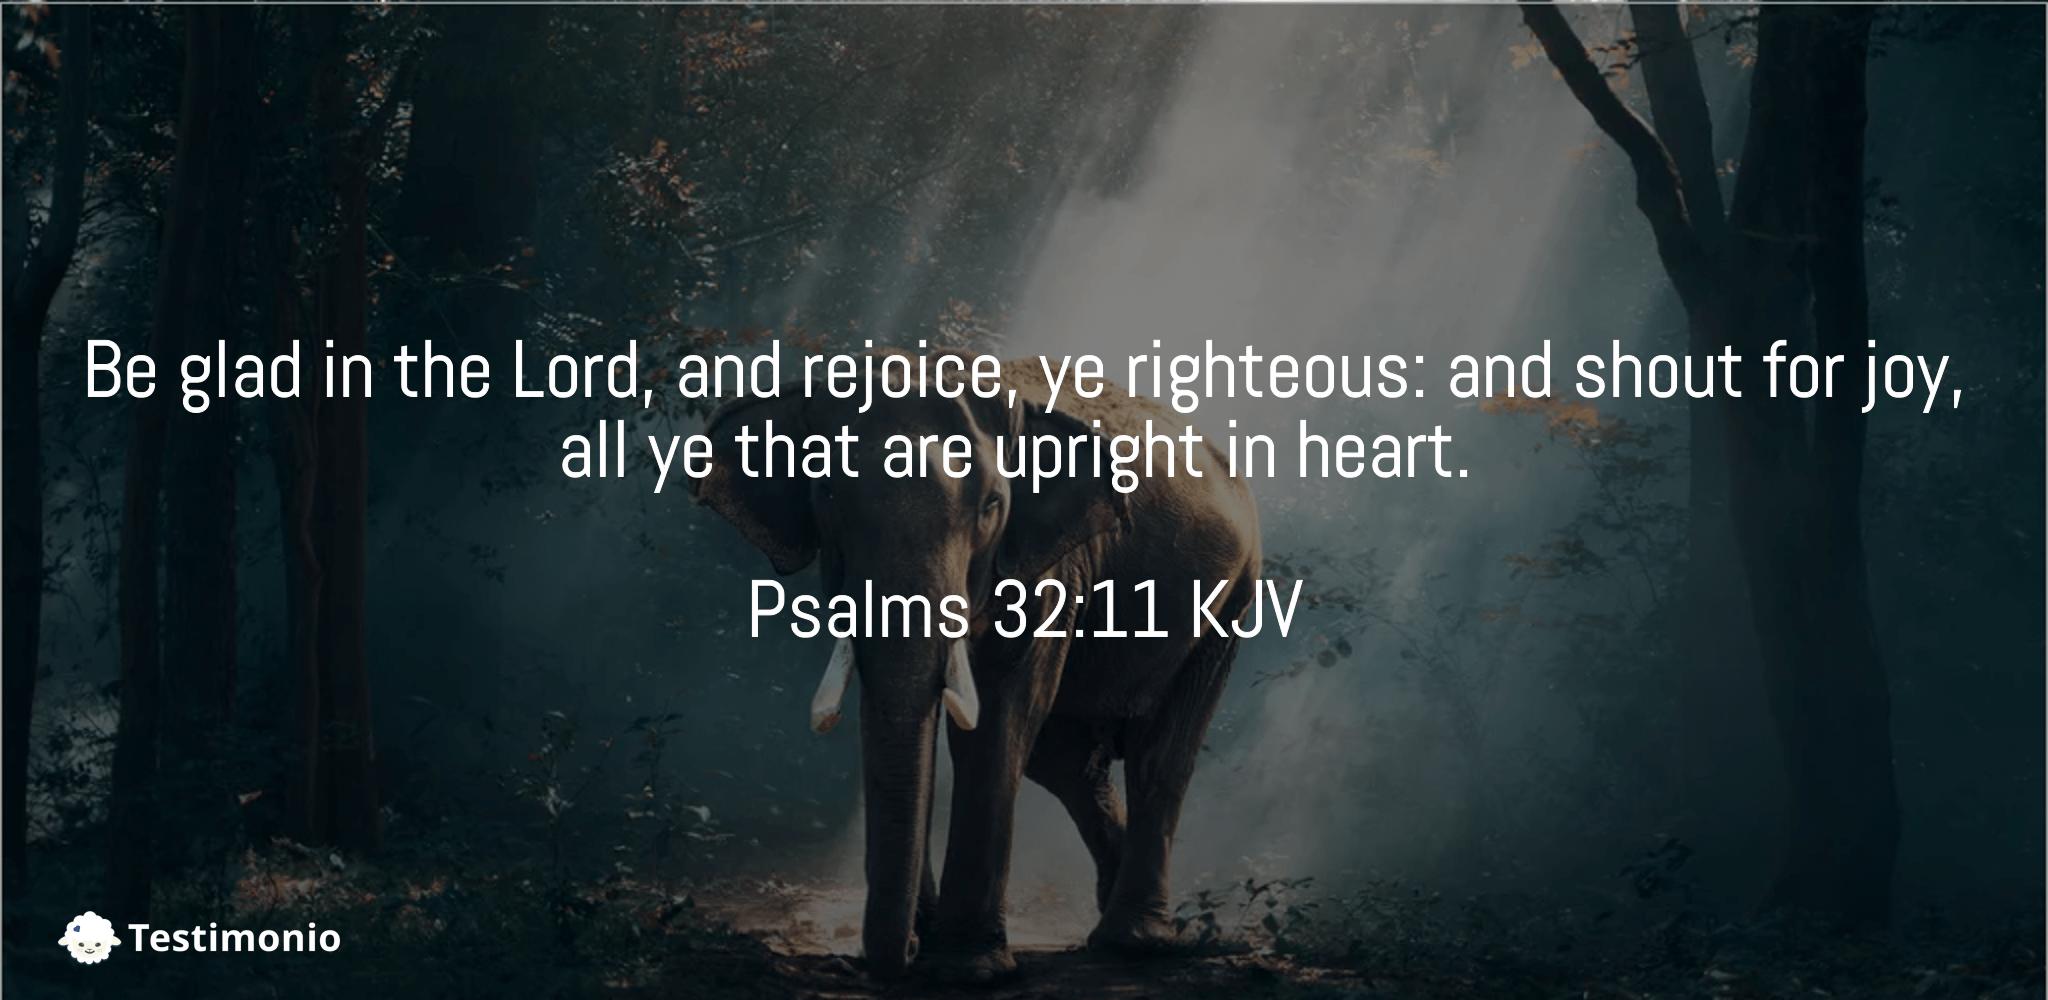 Psalms 32:11